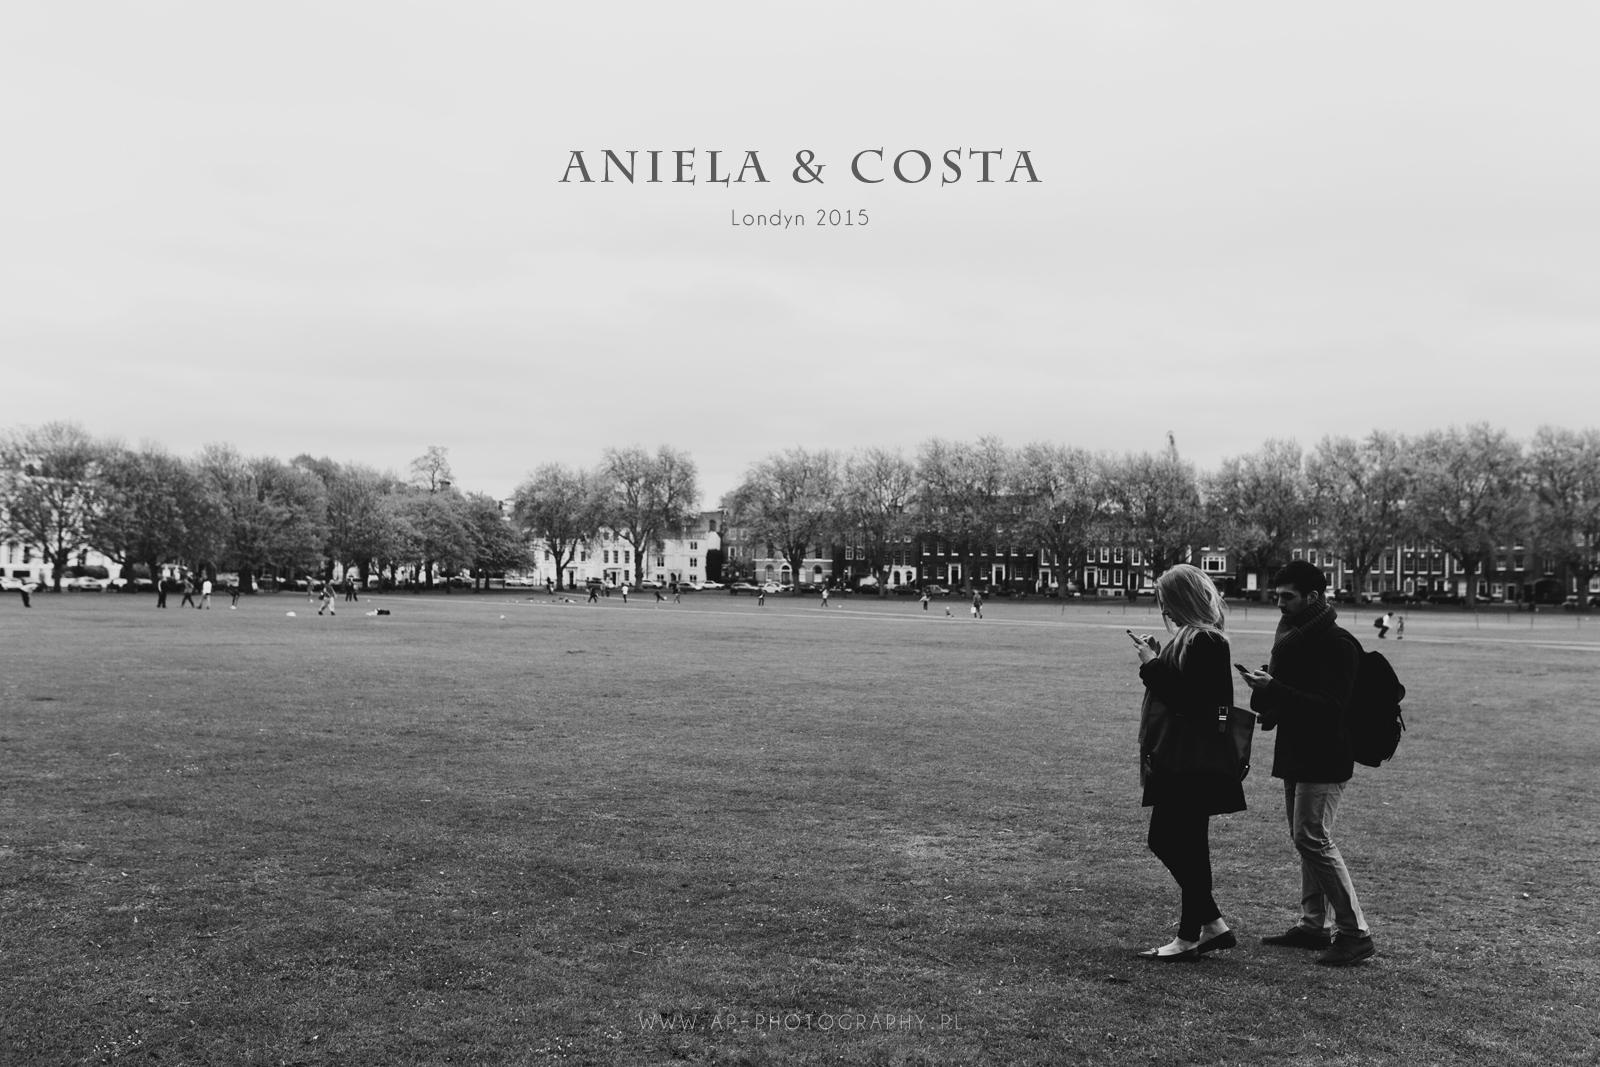 20150426_aniela_costa_sesja_w_londynie_(1)